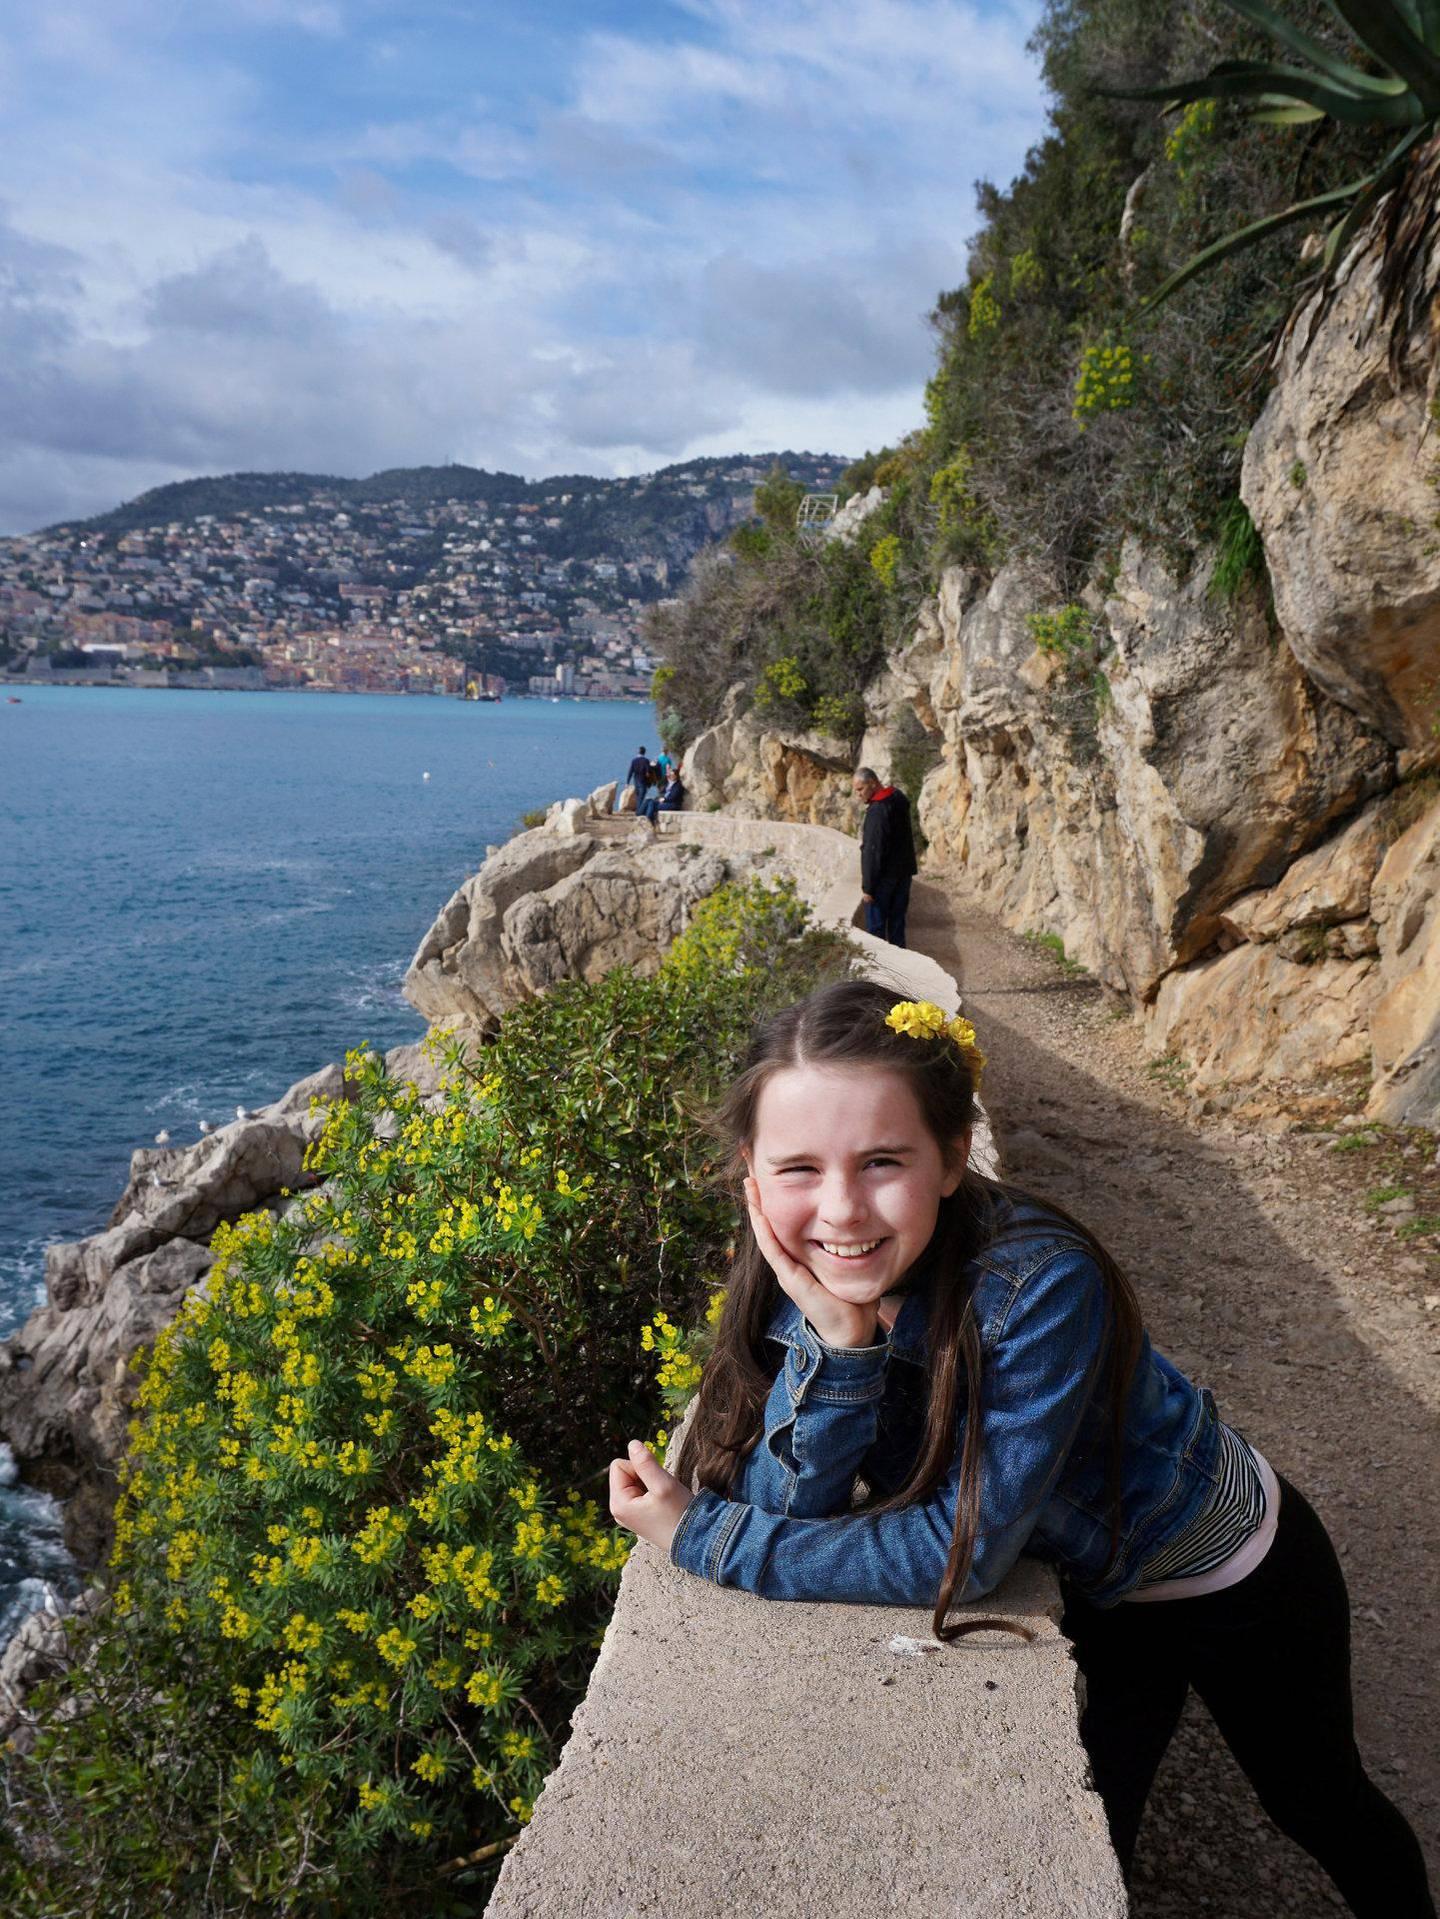 Kyststien klorer seg inn i de bratte klippeveggene. I bakgrunnen skimtes hyggelige Villefranche.